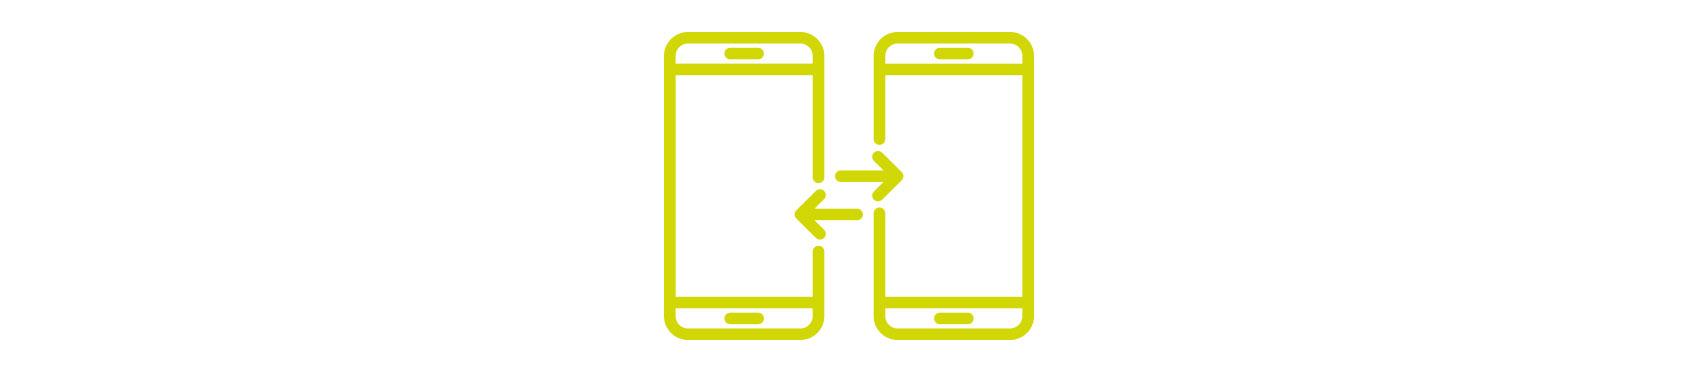 Proporciona experiencia mejorada para dispositivos móviles